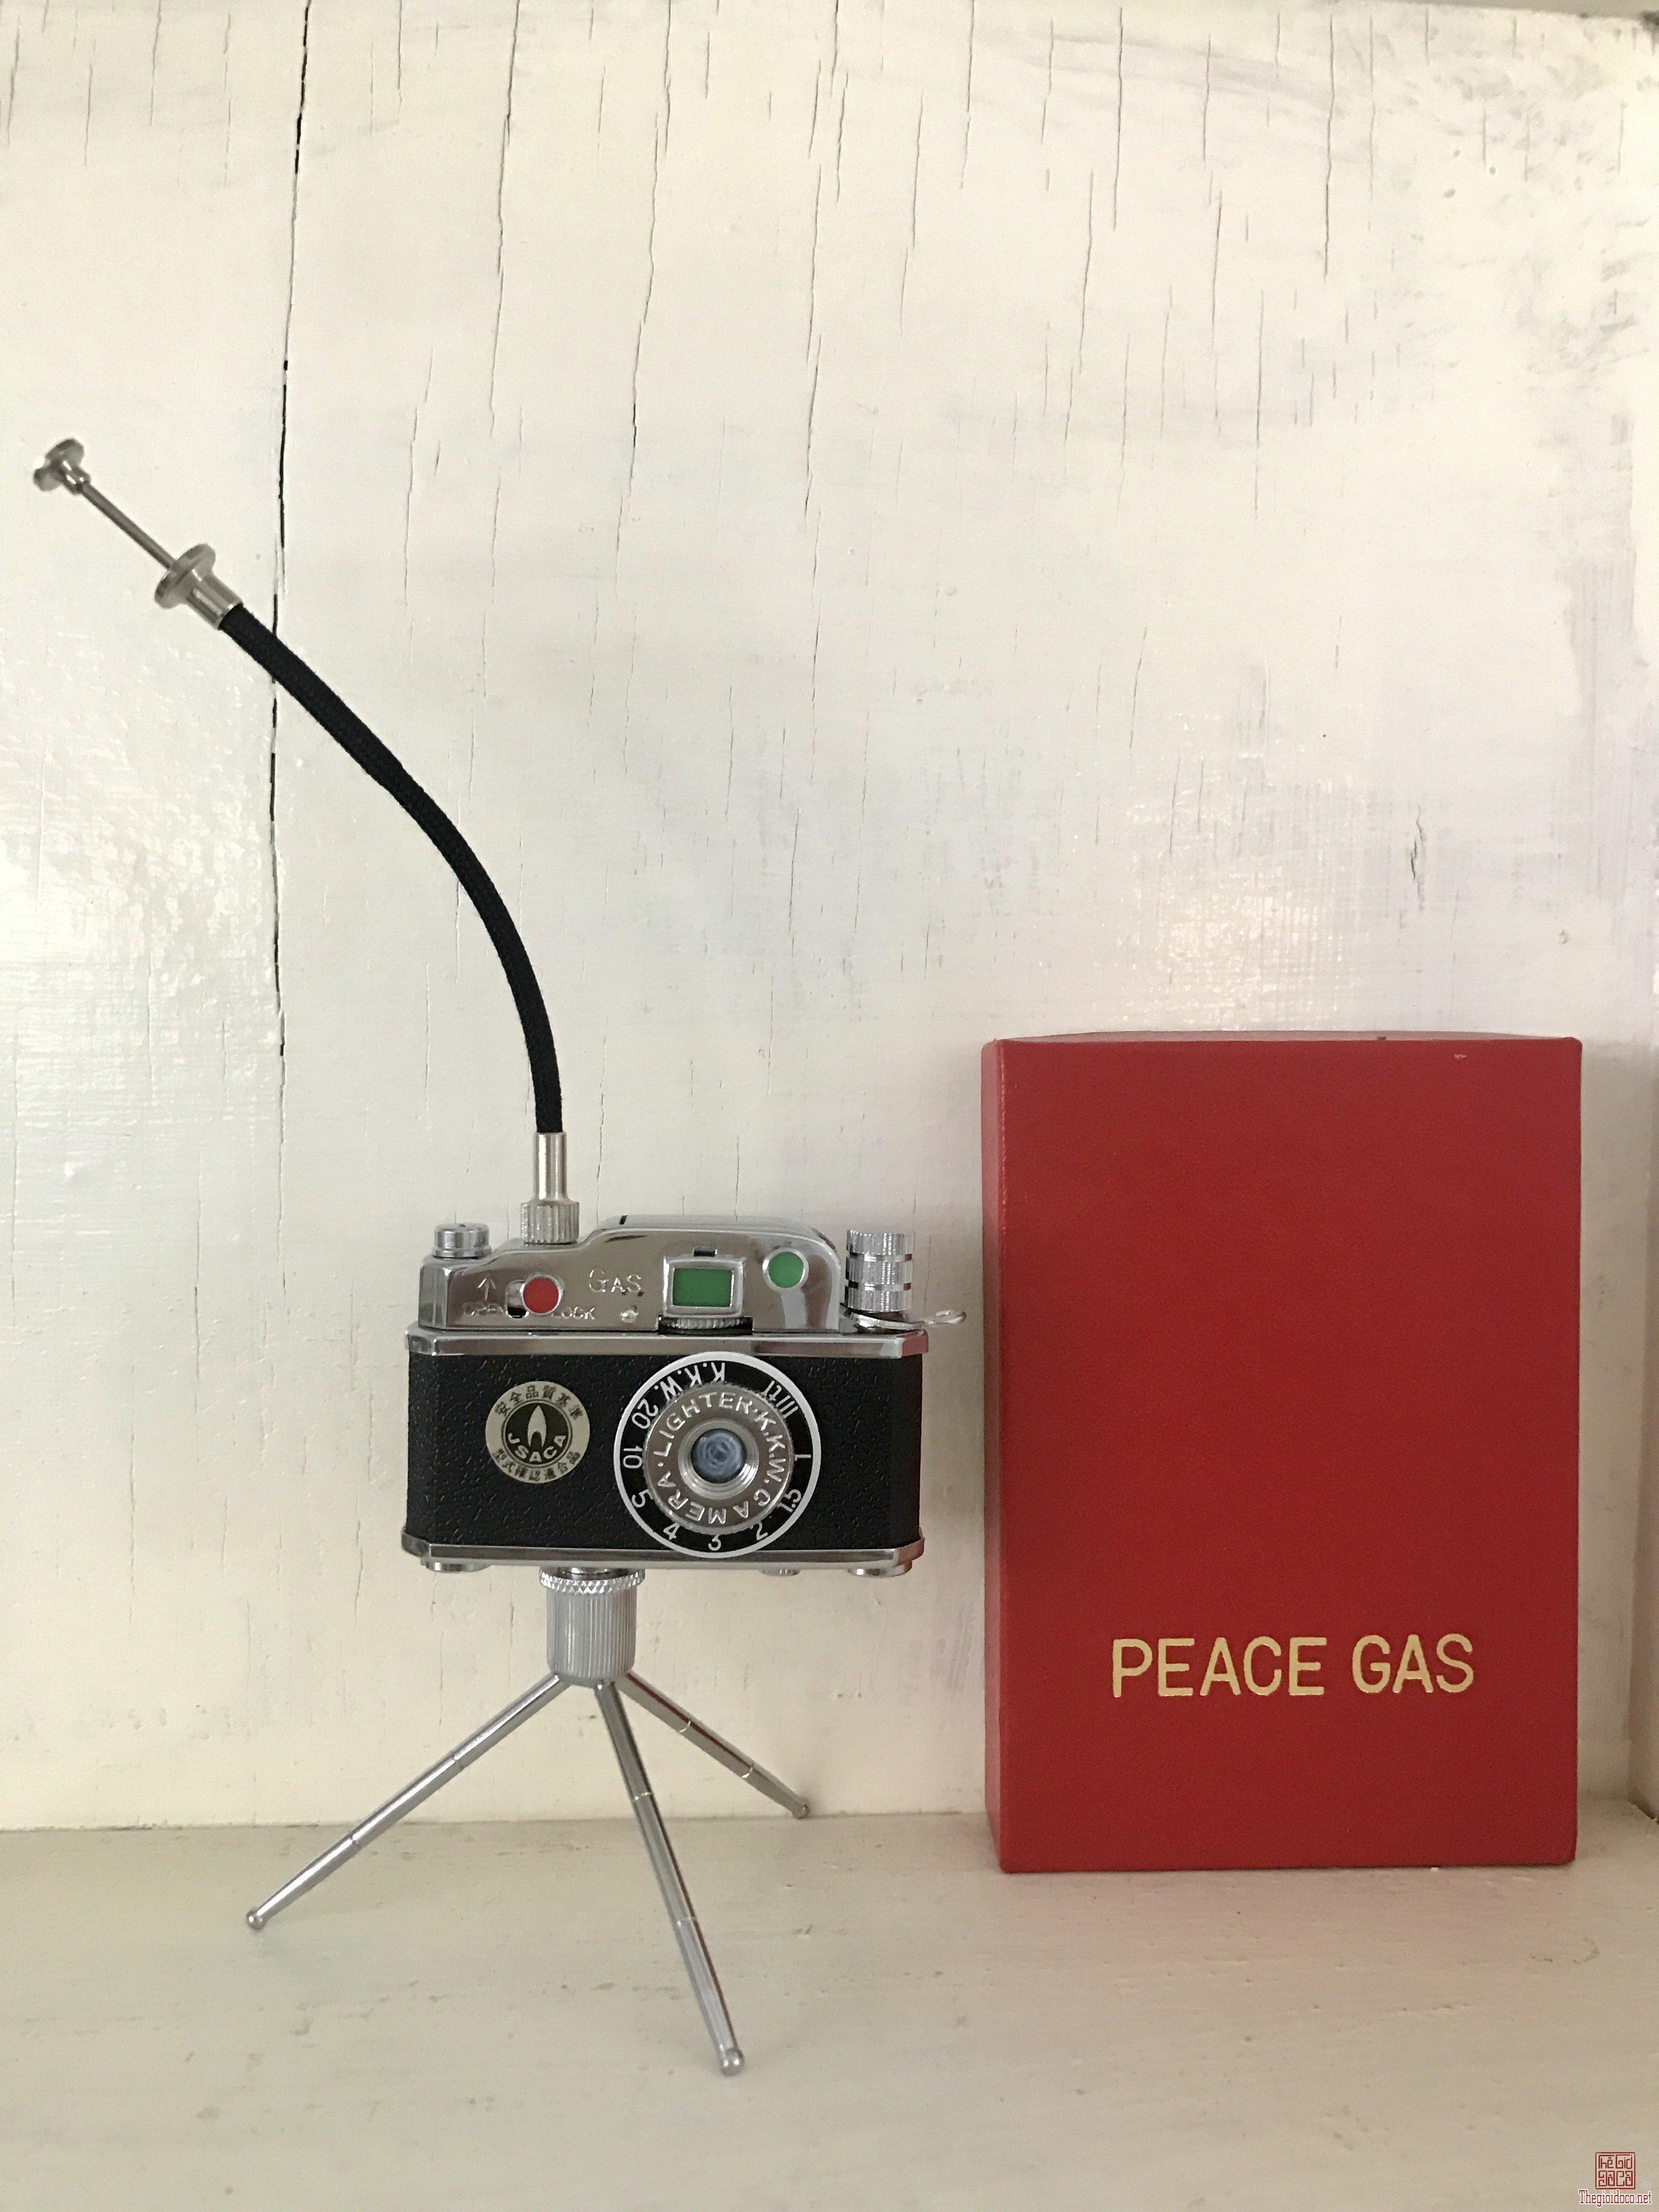 Bật lửa Peace Gas của Nhật kiểu máy ảnh , sản xuất vào thập niên 60s